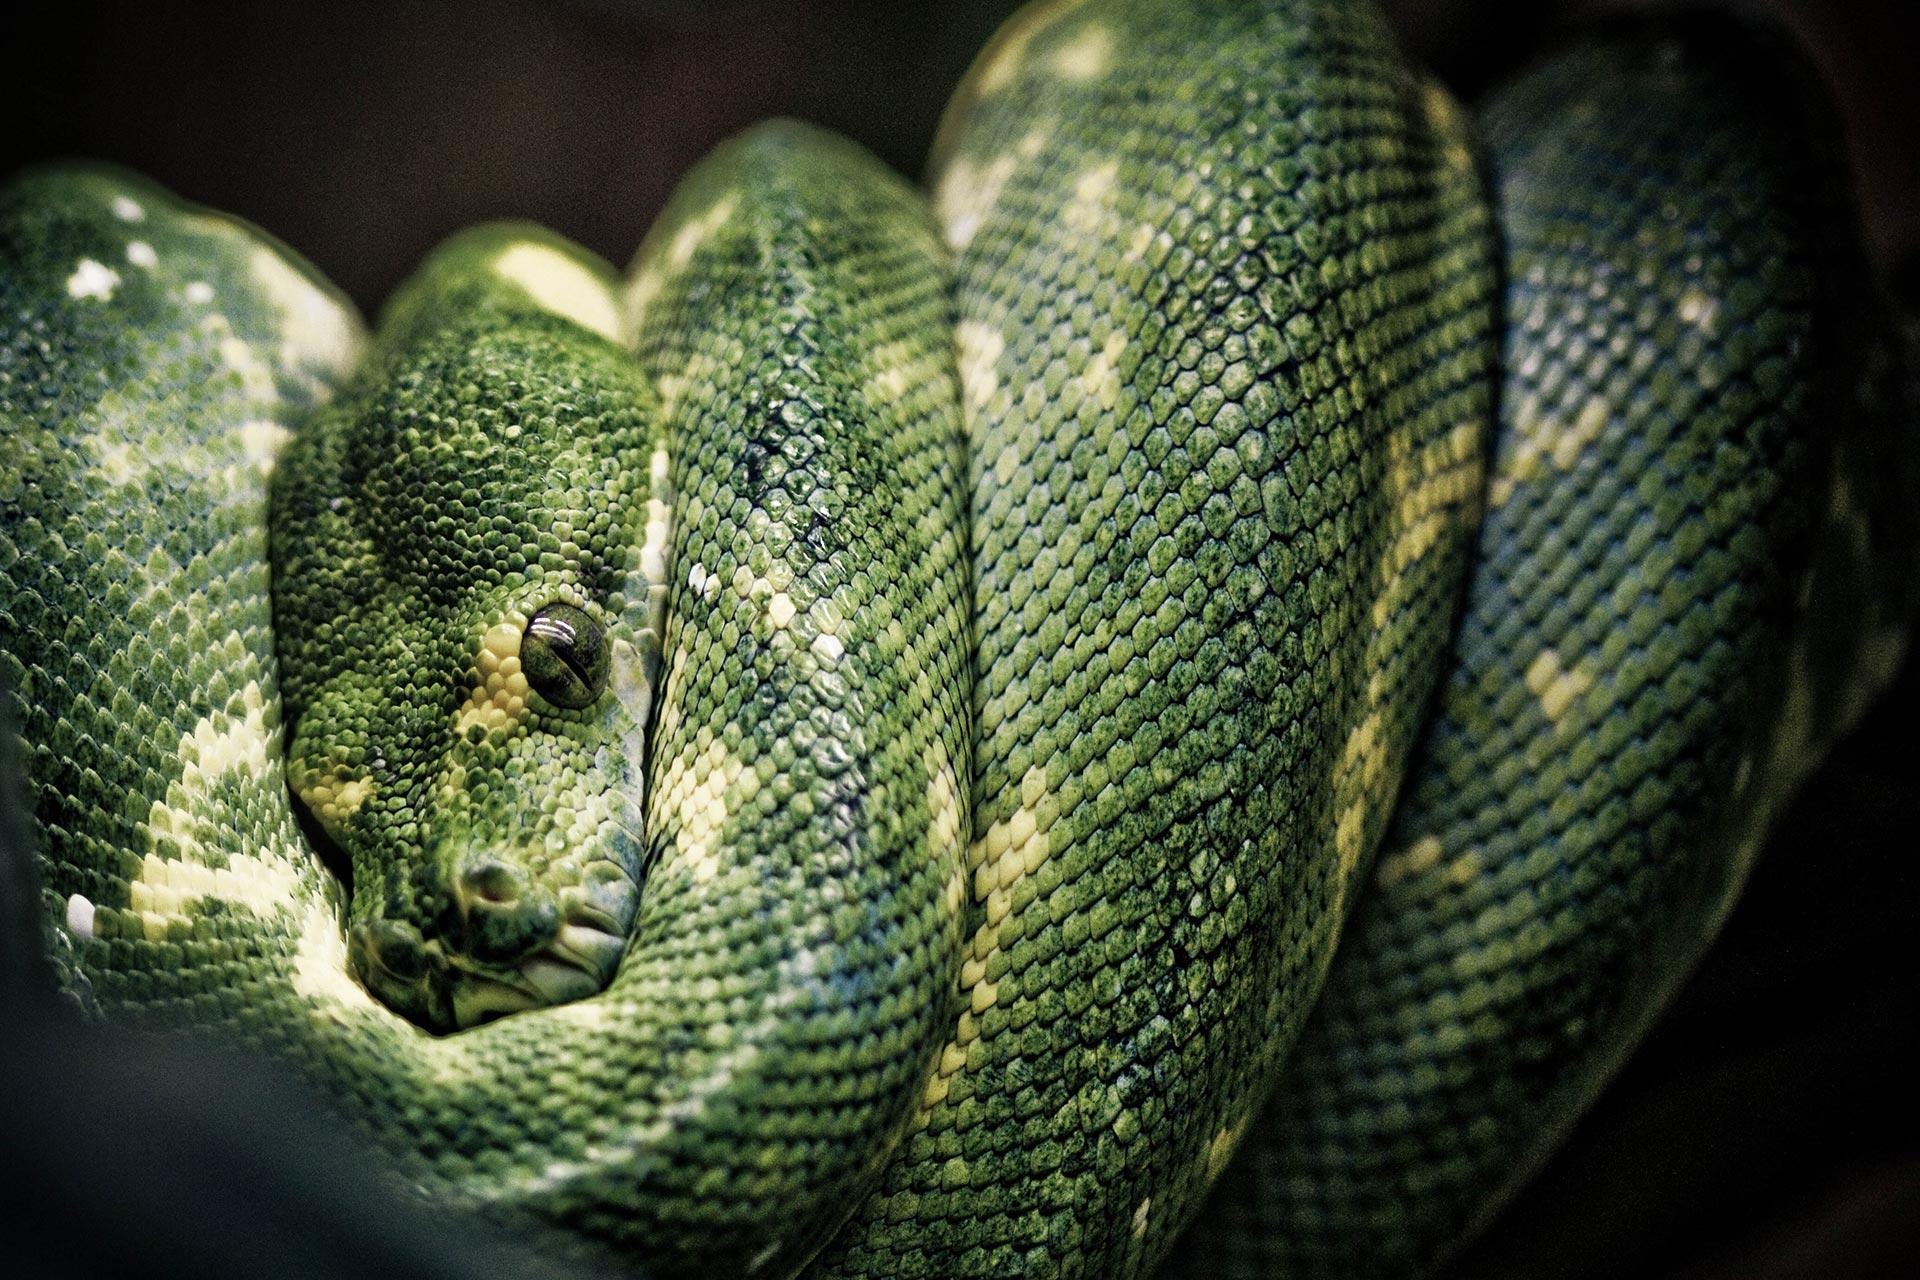 geoffrey-mitre-Serpent-bg